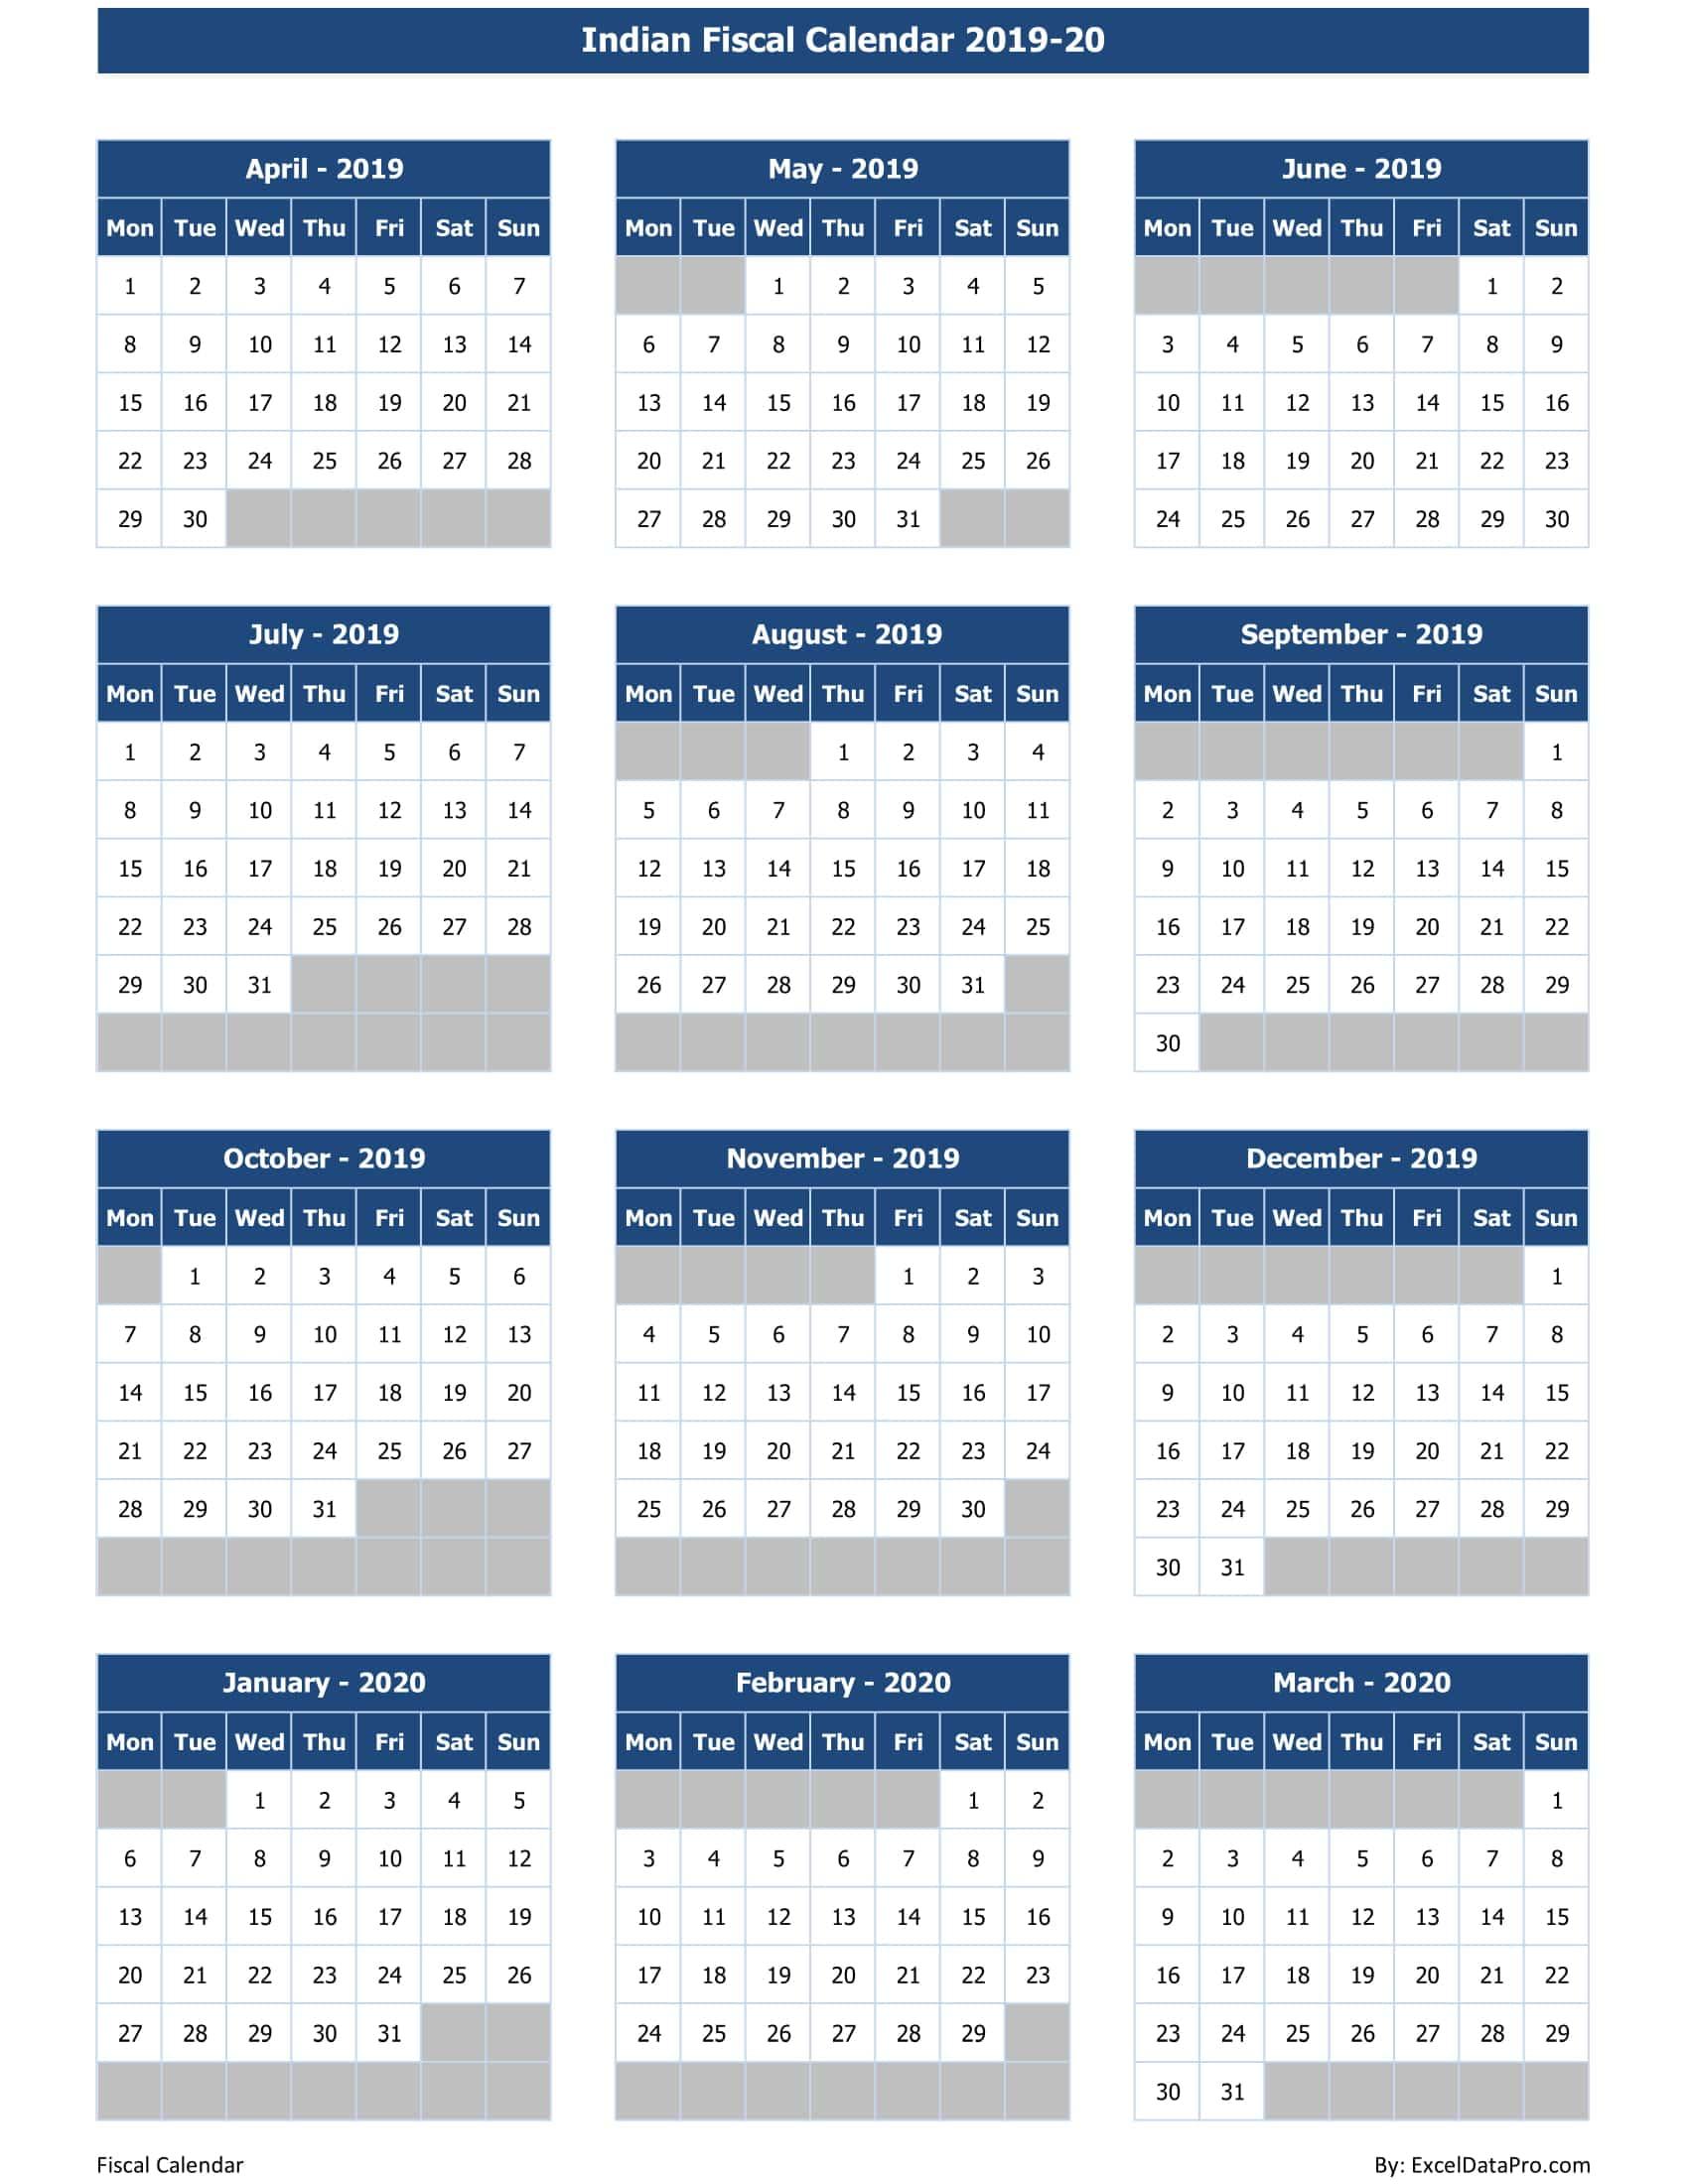 Indian Fiscal Calendar 2019-20